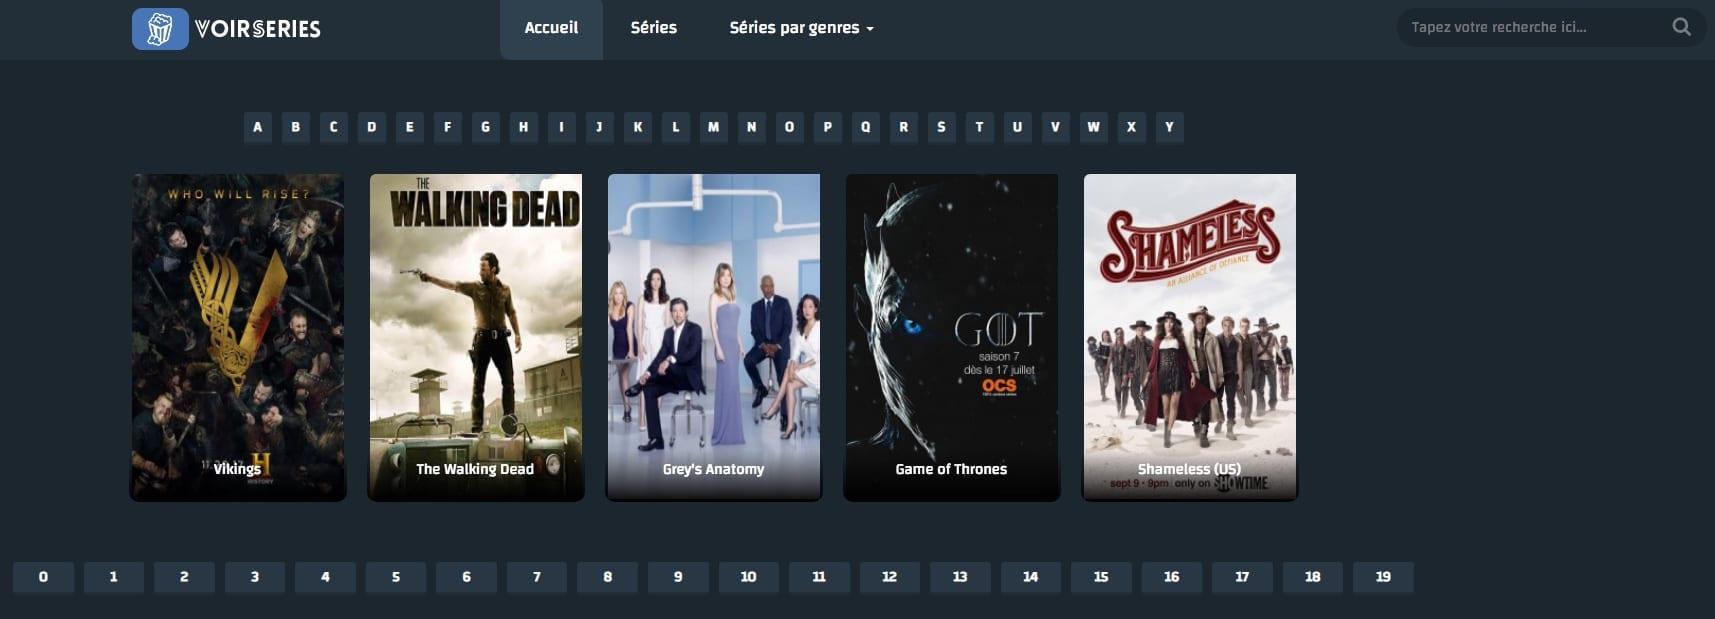 Voir des séries gratuitement en streaming et en HD.